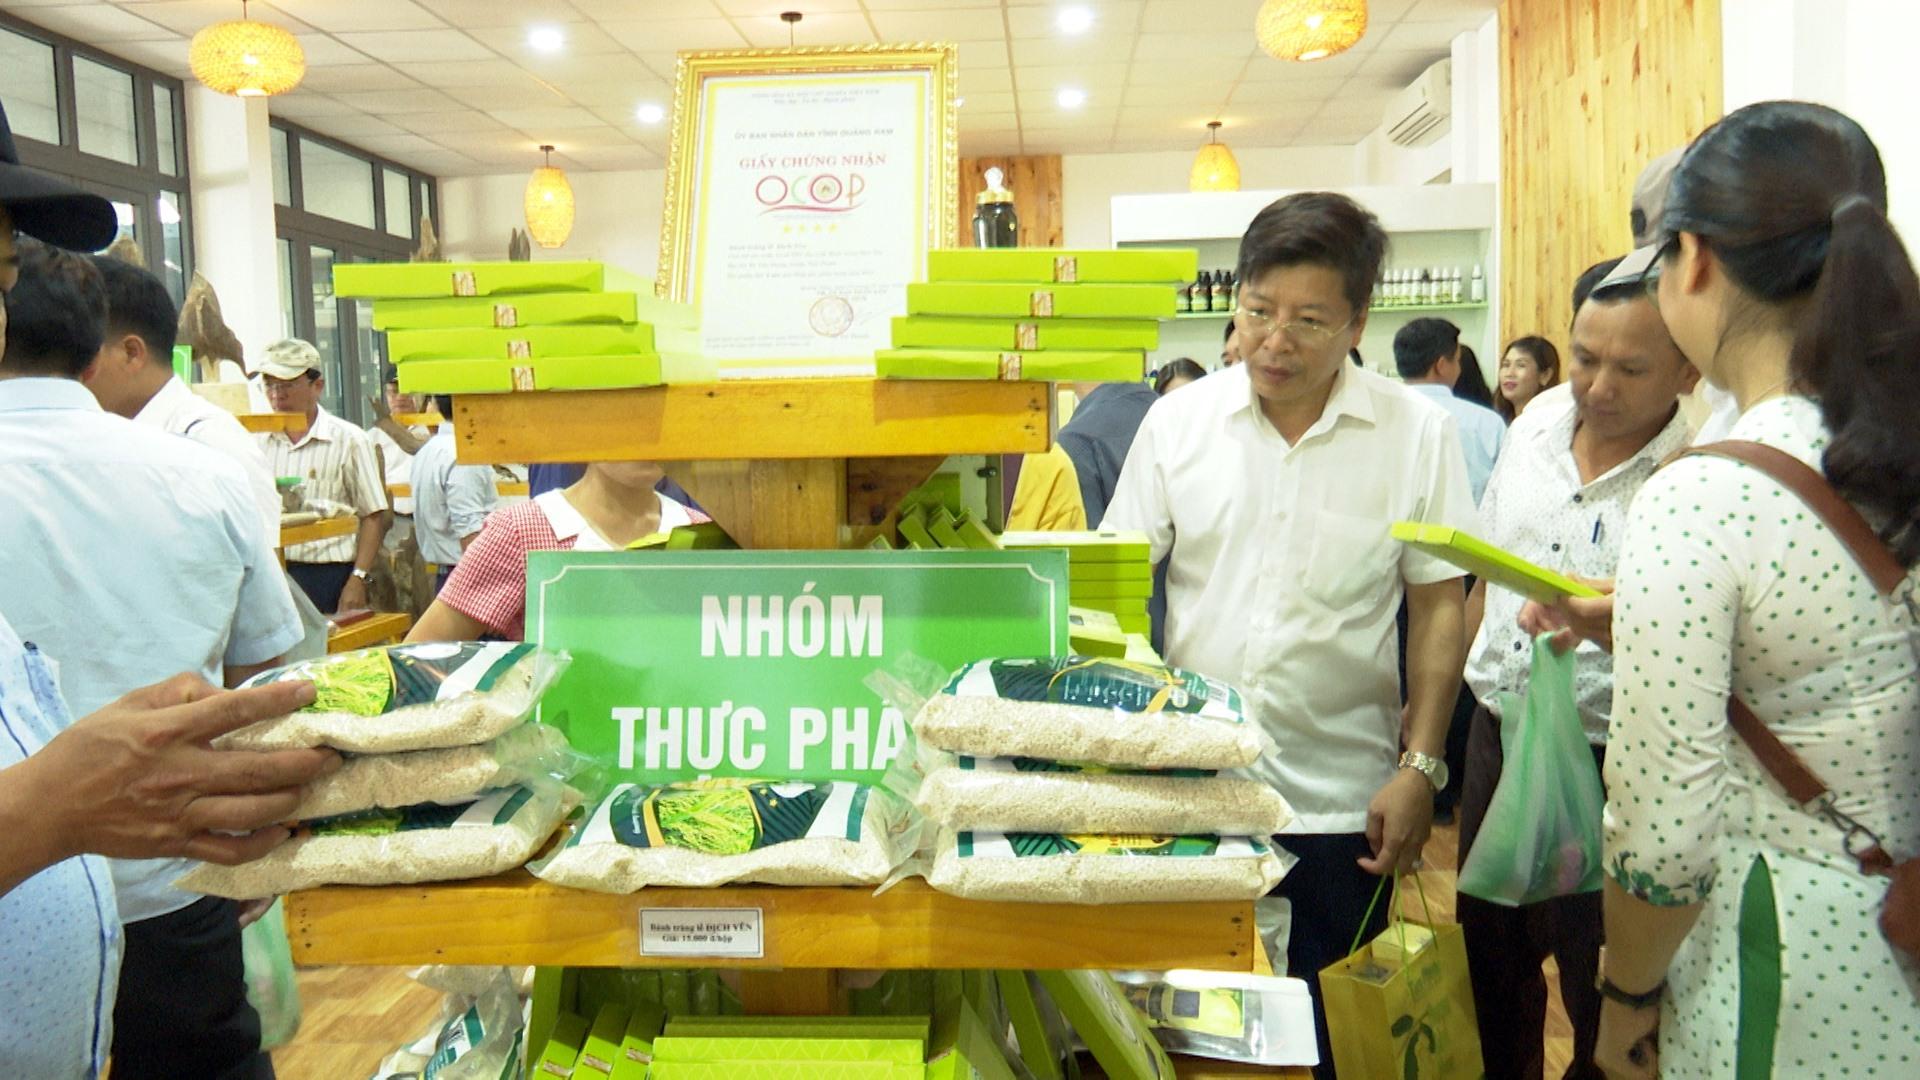 Huyện Tiên Phước đầu tư gần một tỷ đồng xây dựng Trung tâm Giới thiệu và bán sản phẩm OCOP. Ảnh: N.H